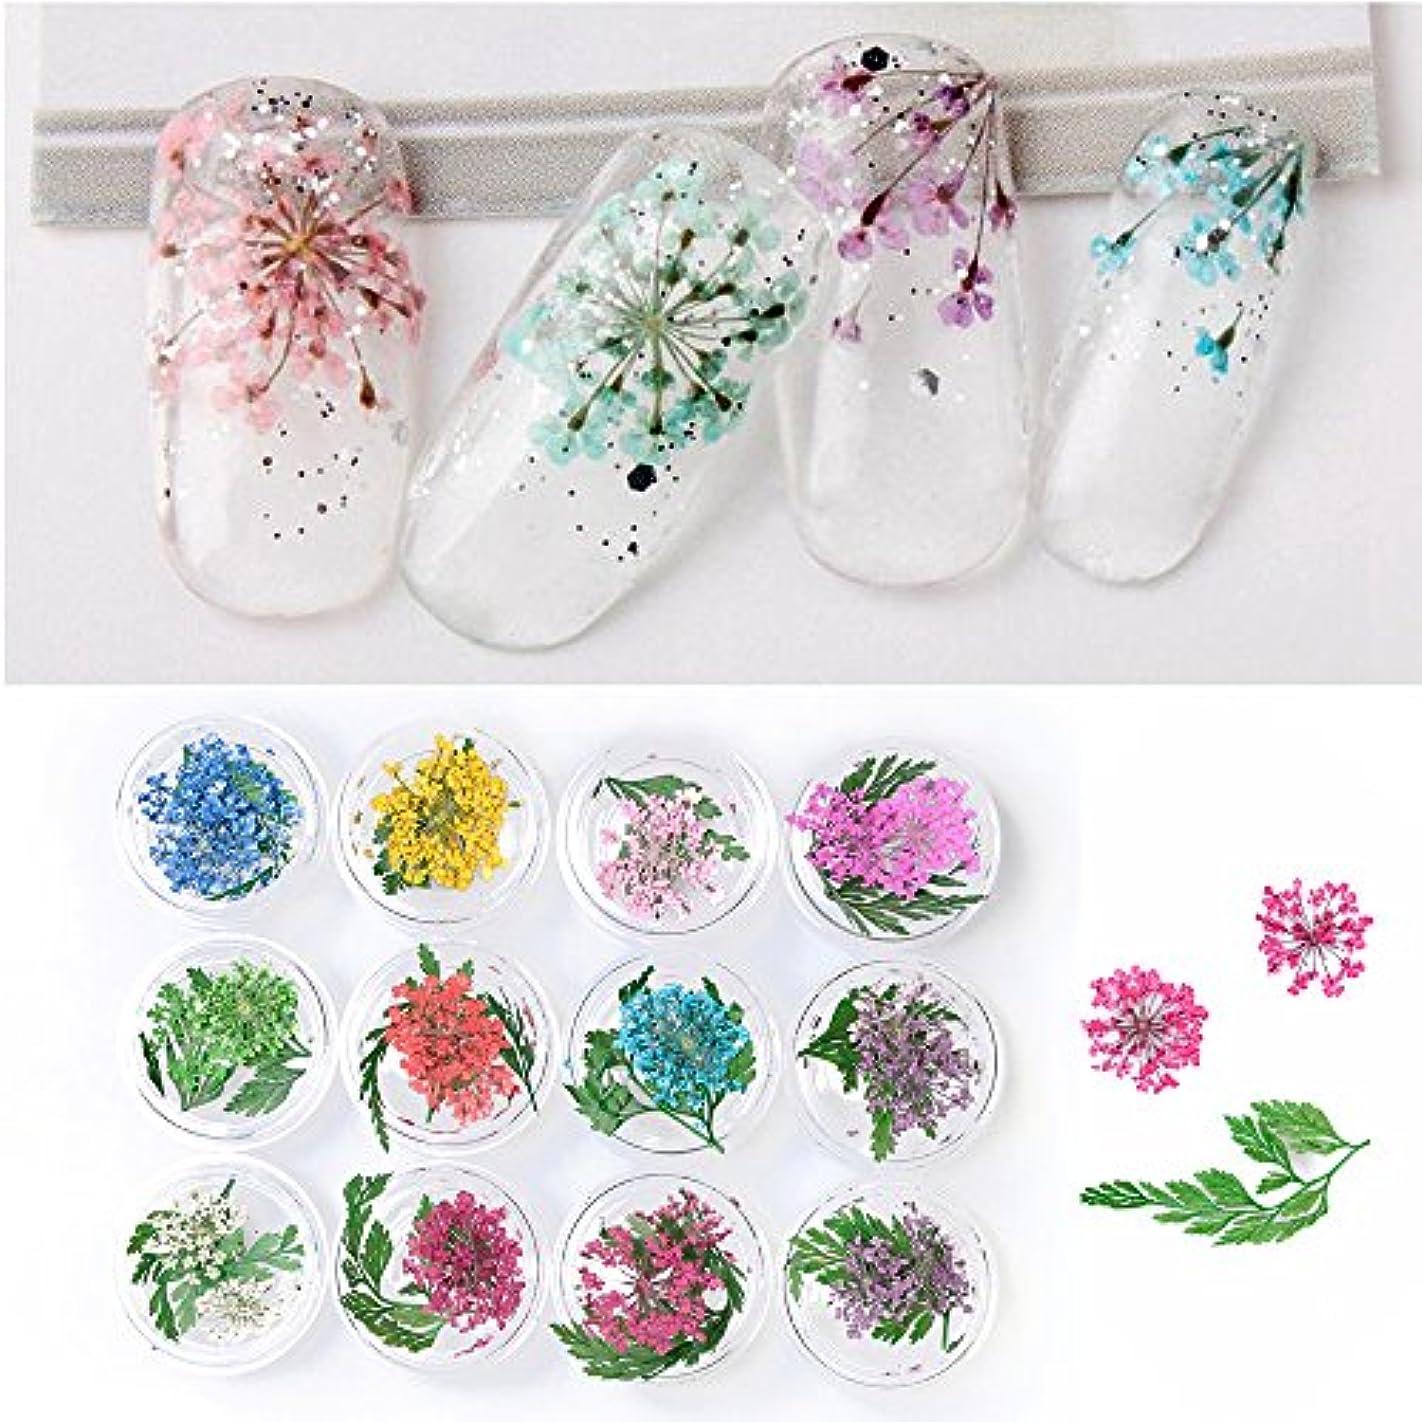 軽く編集するどれかTakarafune 押し花 ドライフラワー 葉 3Dネイル レジンデコレーション DIY ネイルパーツ 明収納ケース 12色